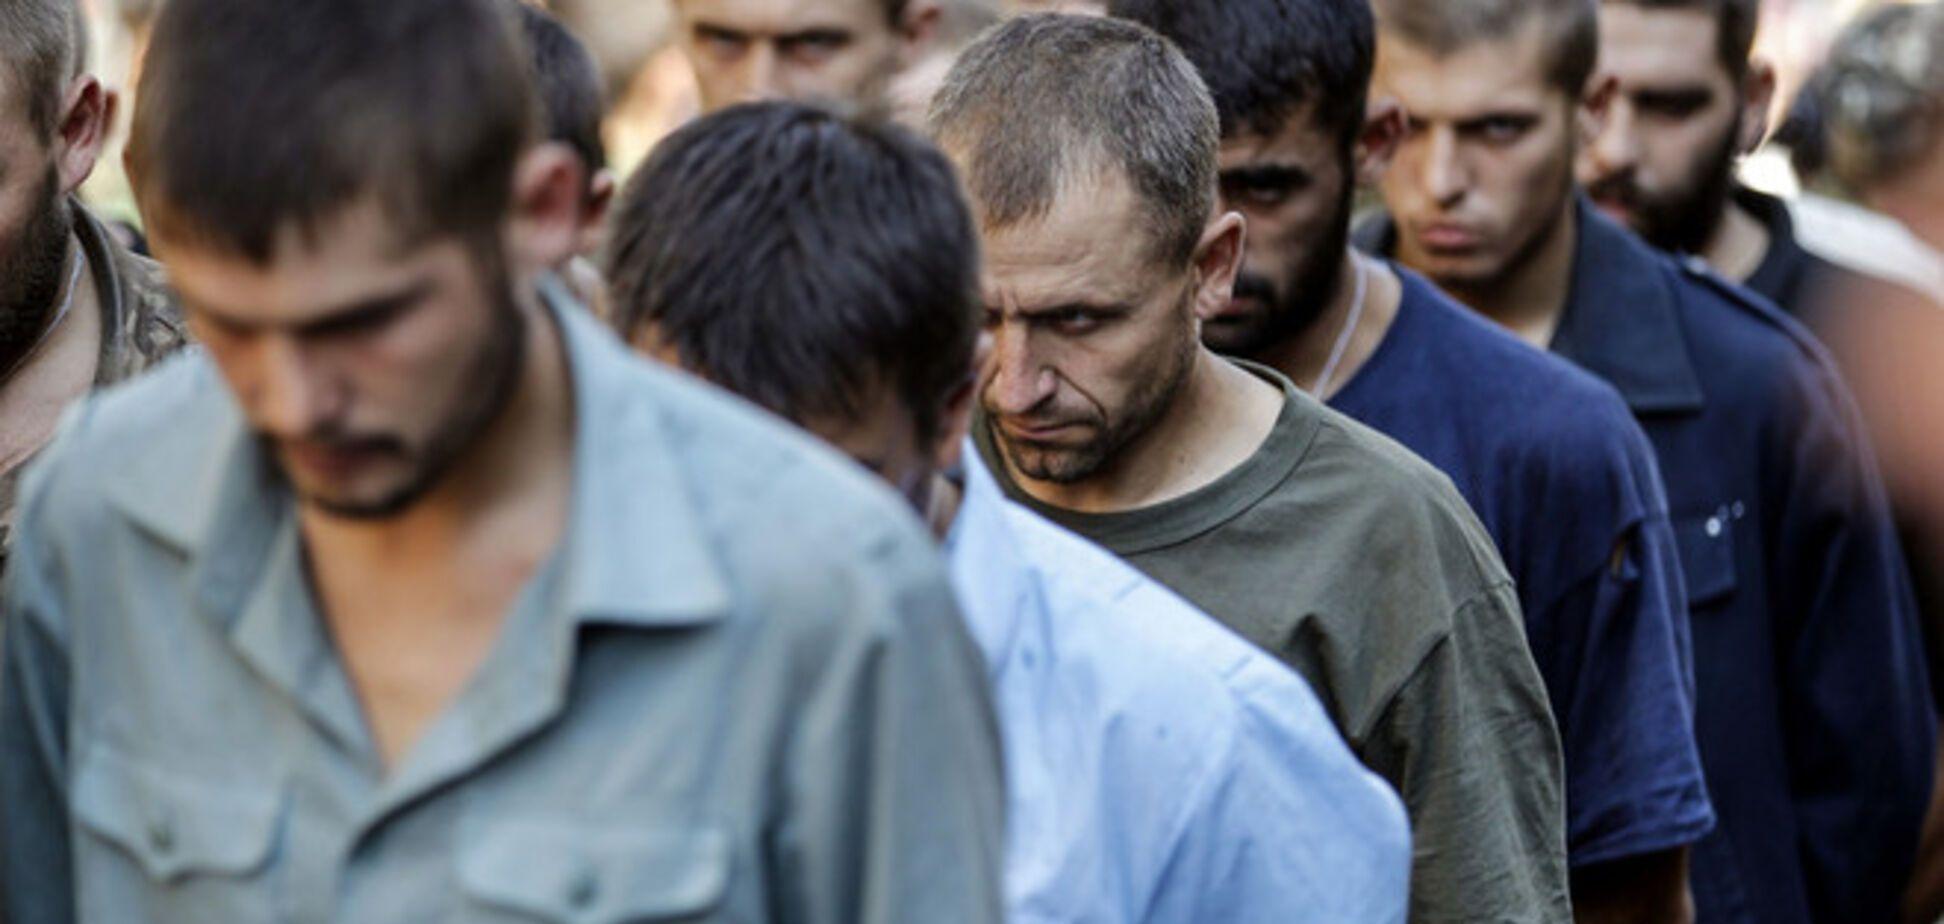 Россия удерживает в плену десятки украинских военных - правозащитница Васильева